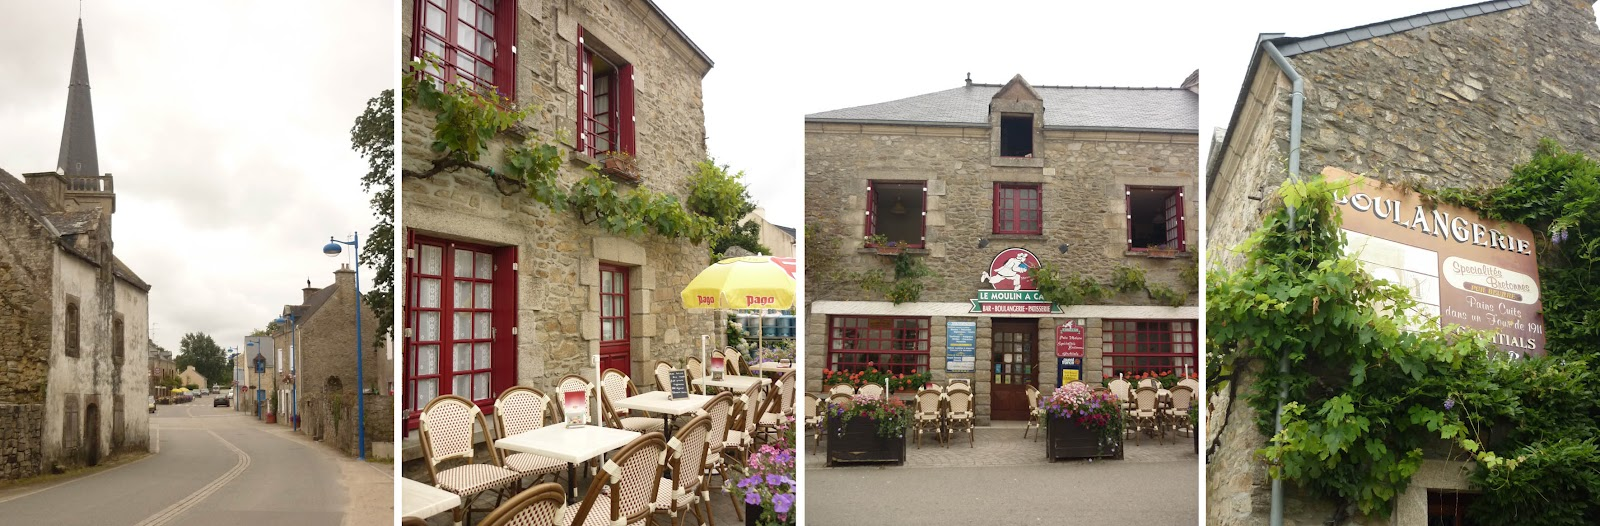 Produit en bretagne 2 le gotchial de st armel lily 39 s little factory blog diy bretagne - Moulin a cafe boulanger ...